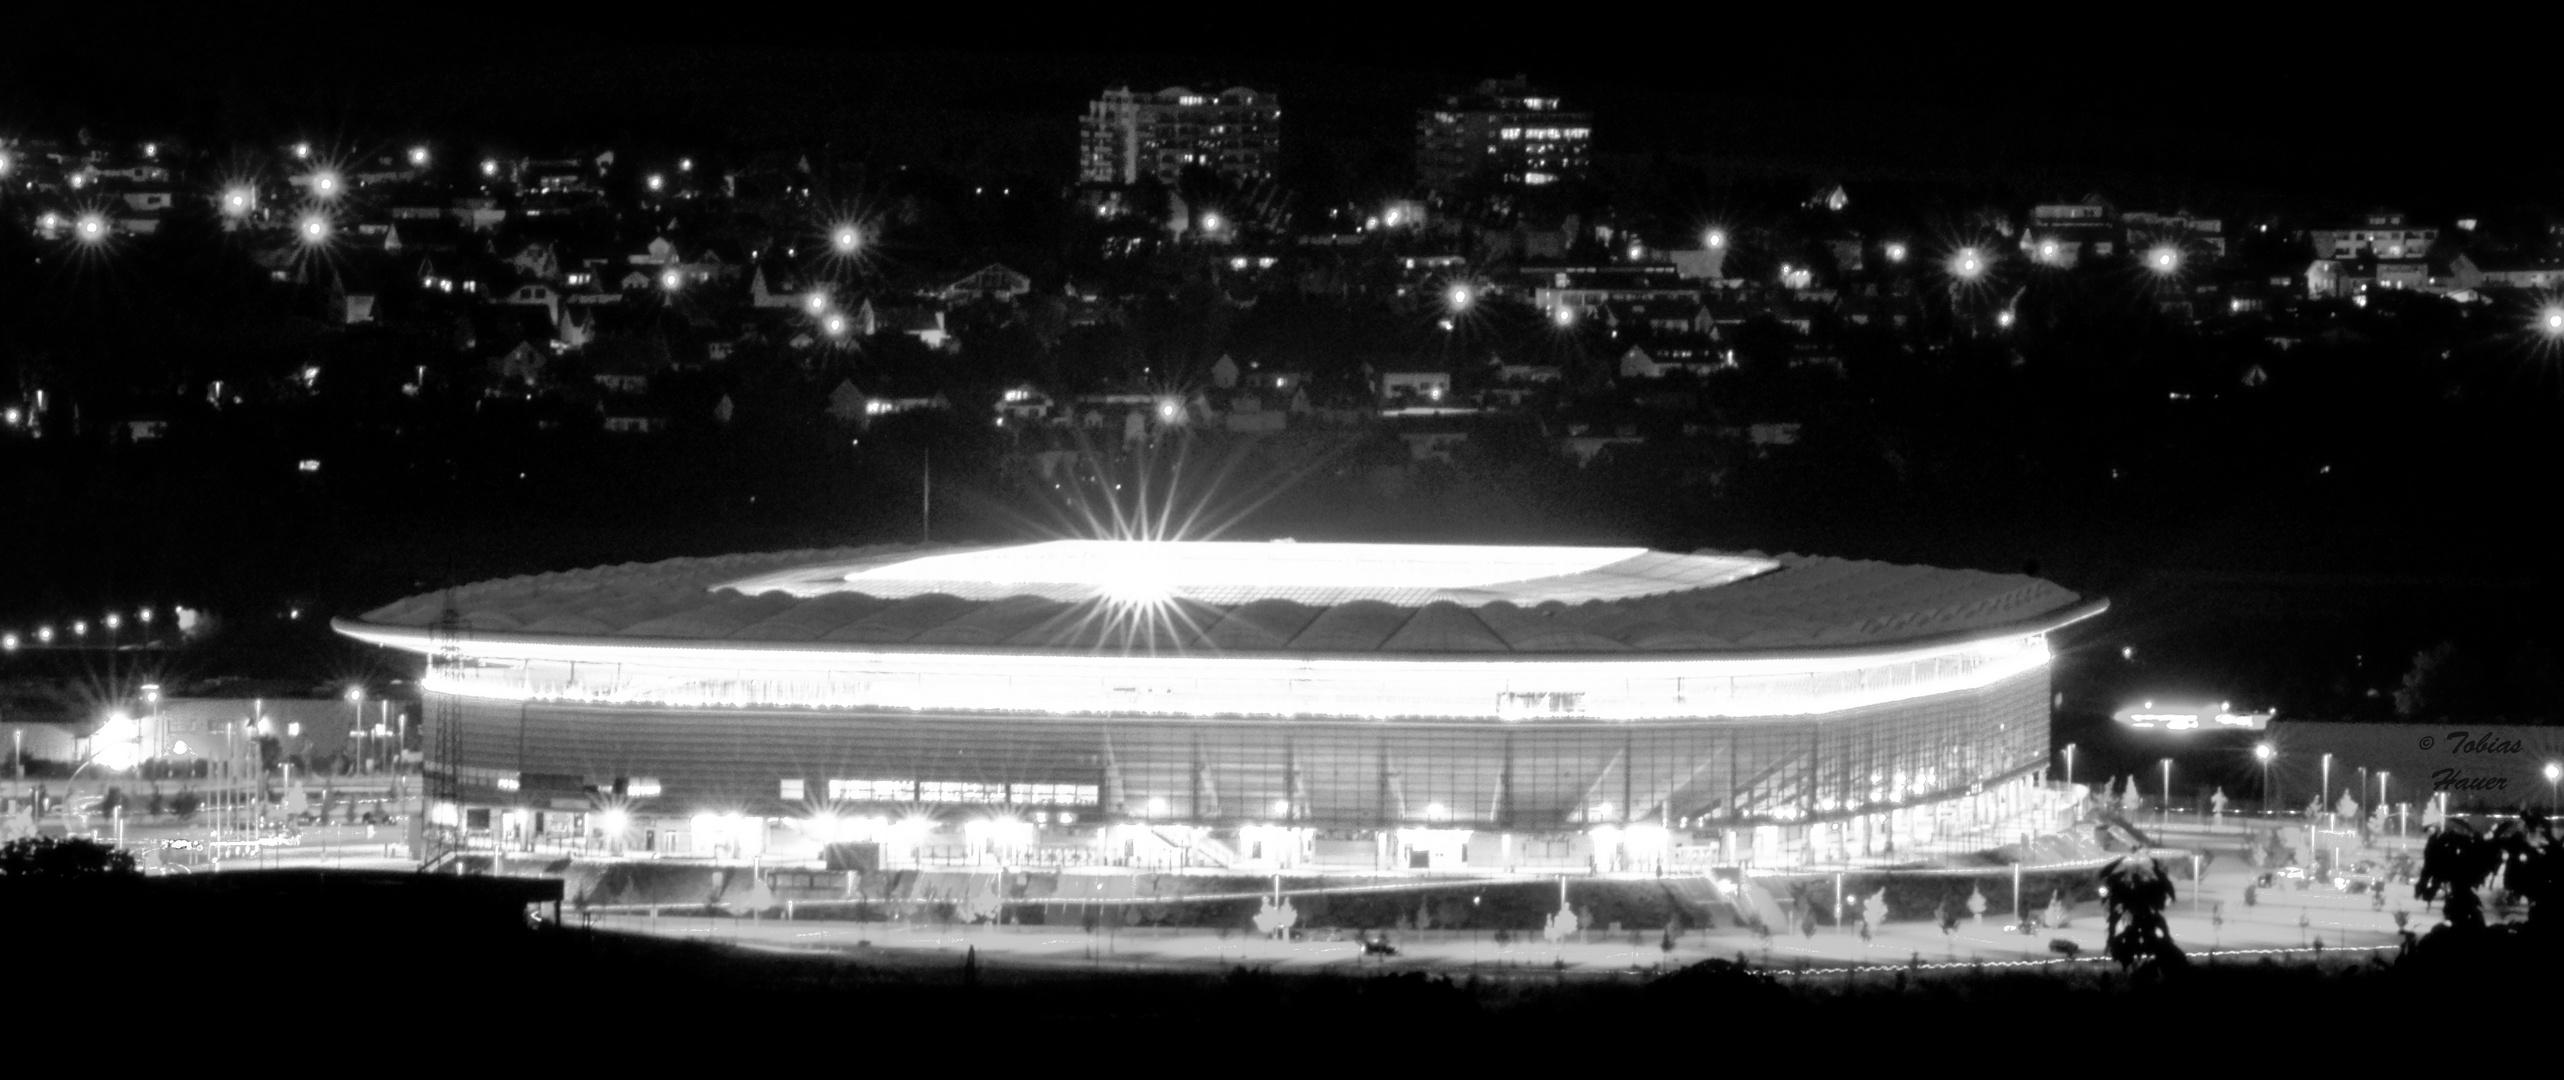 Rhein-Neckar-Stadion nach dem Frauen-WM Spiel